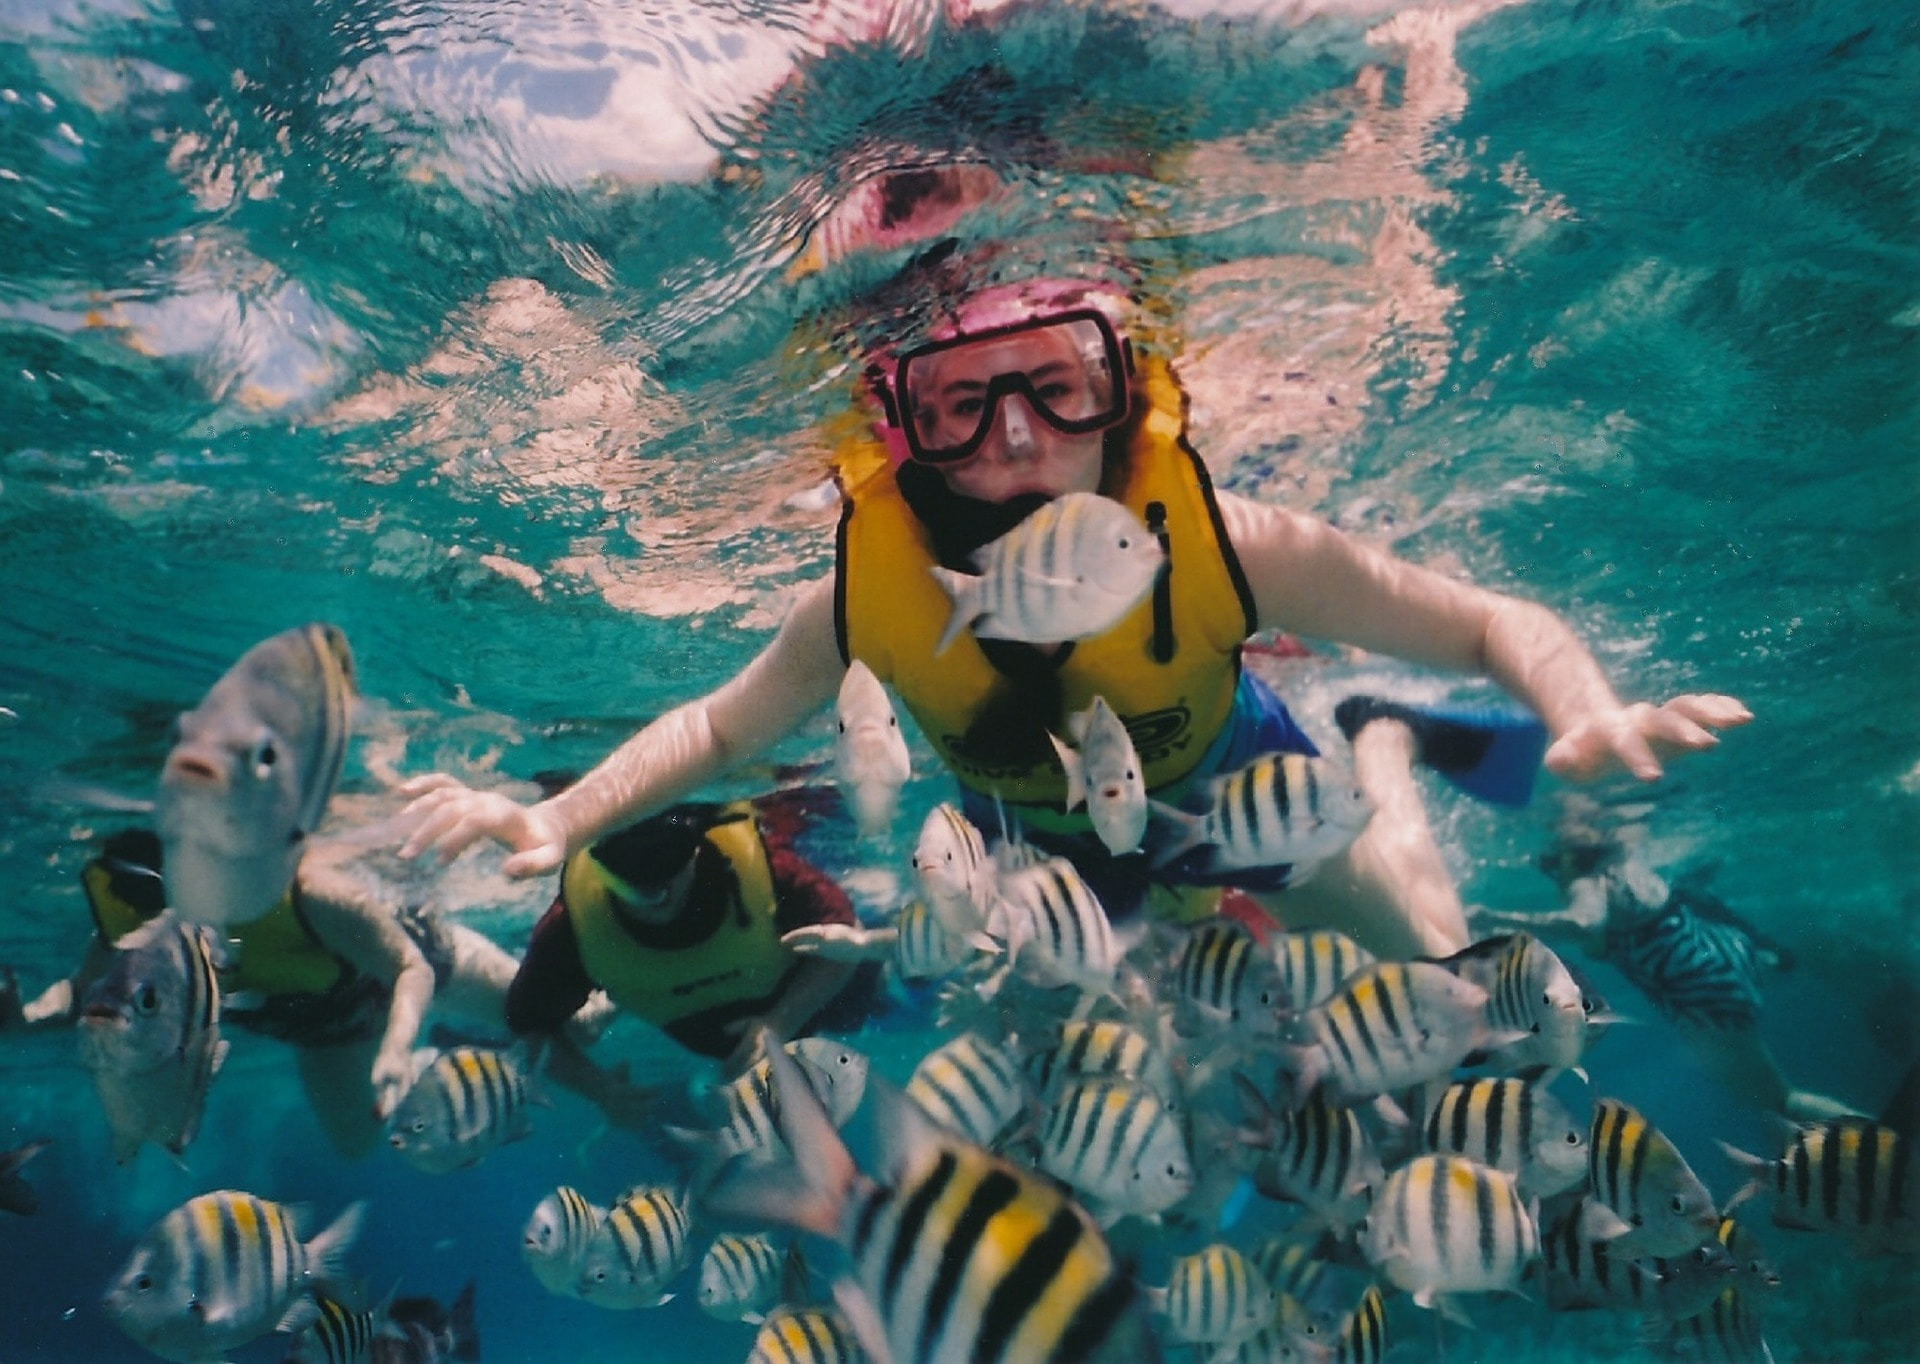 reef-snorkeling-377390_1920